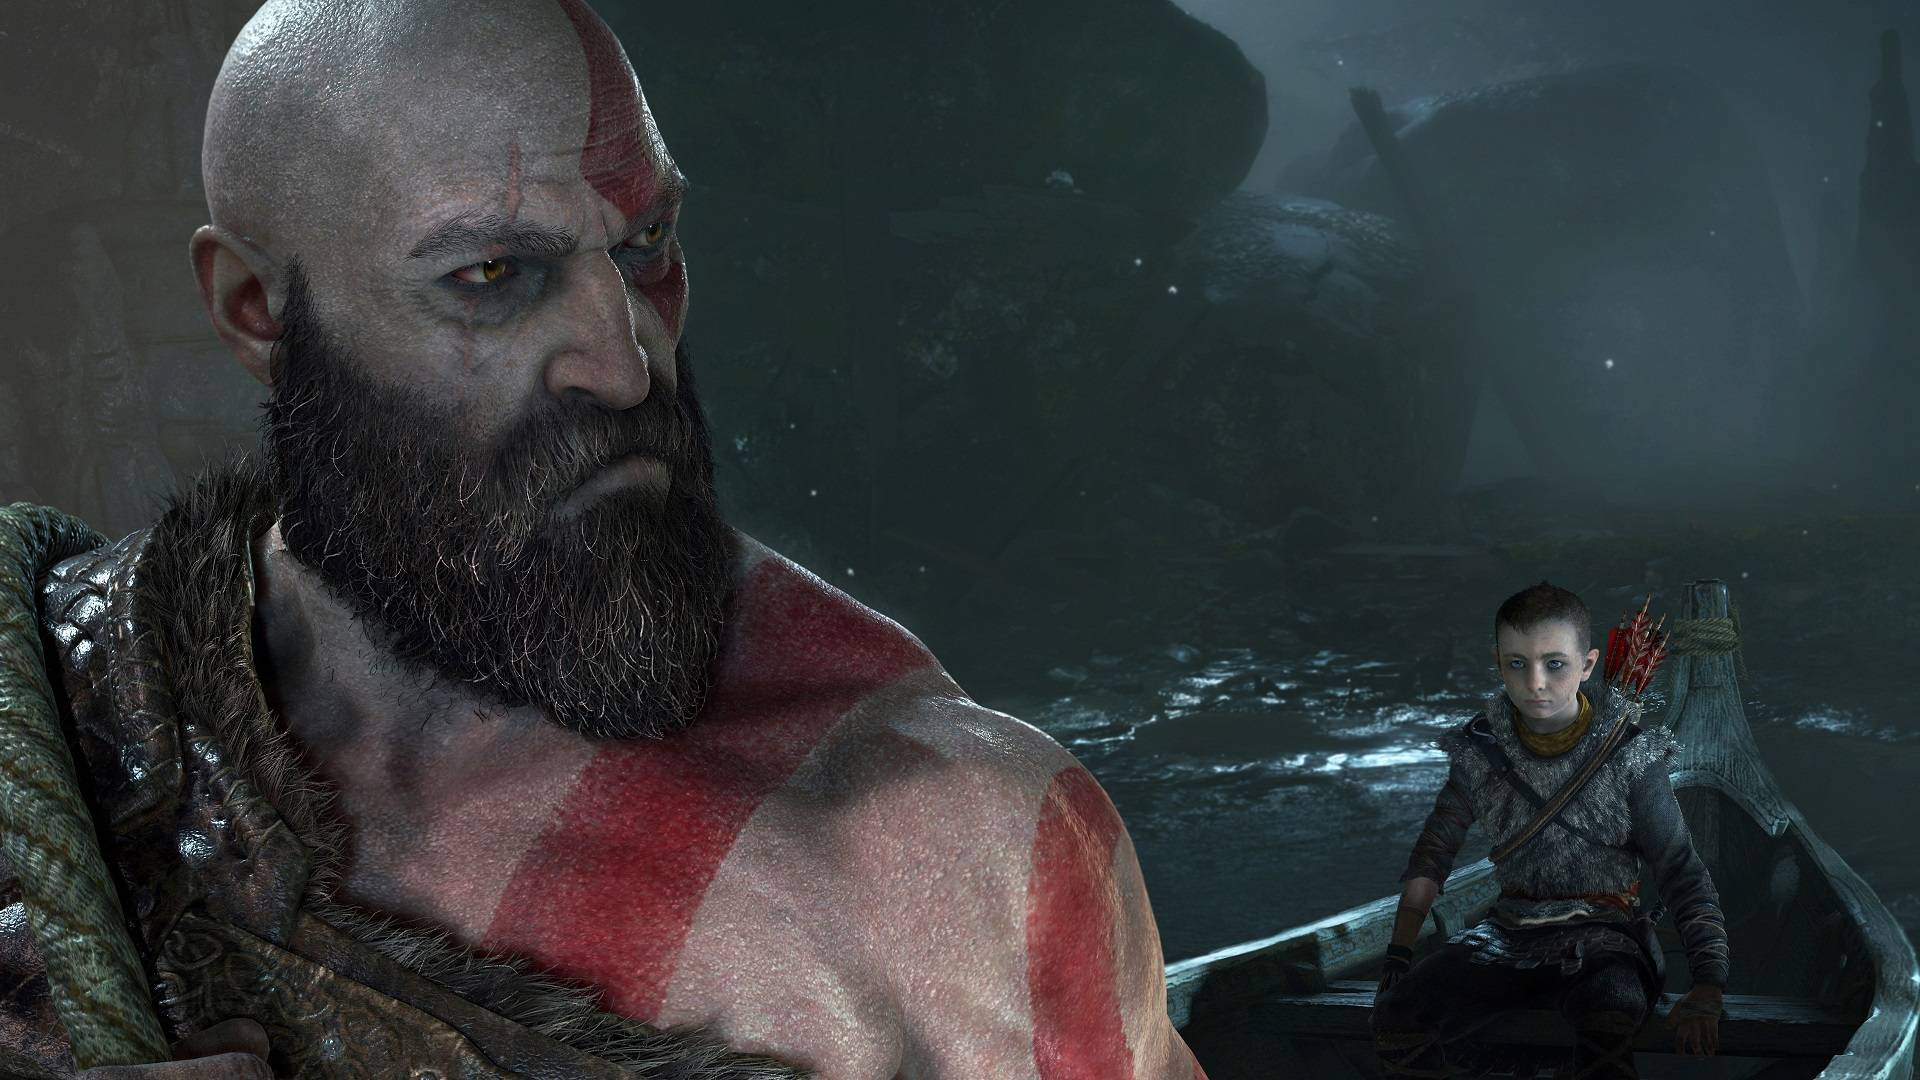 Neuer Darsteller für Kratos in God of War